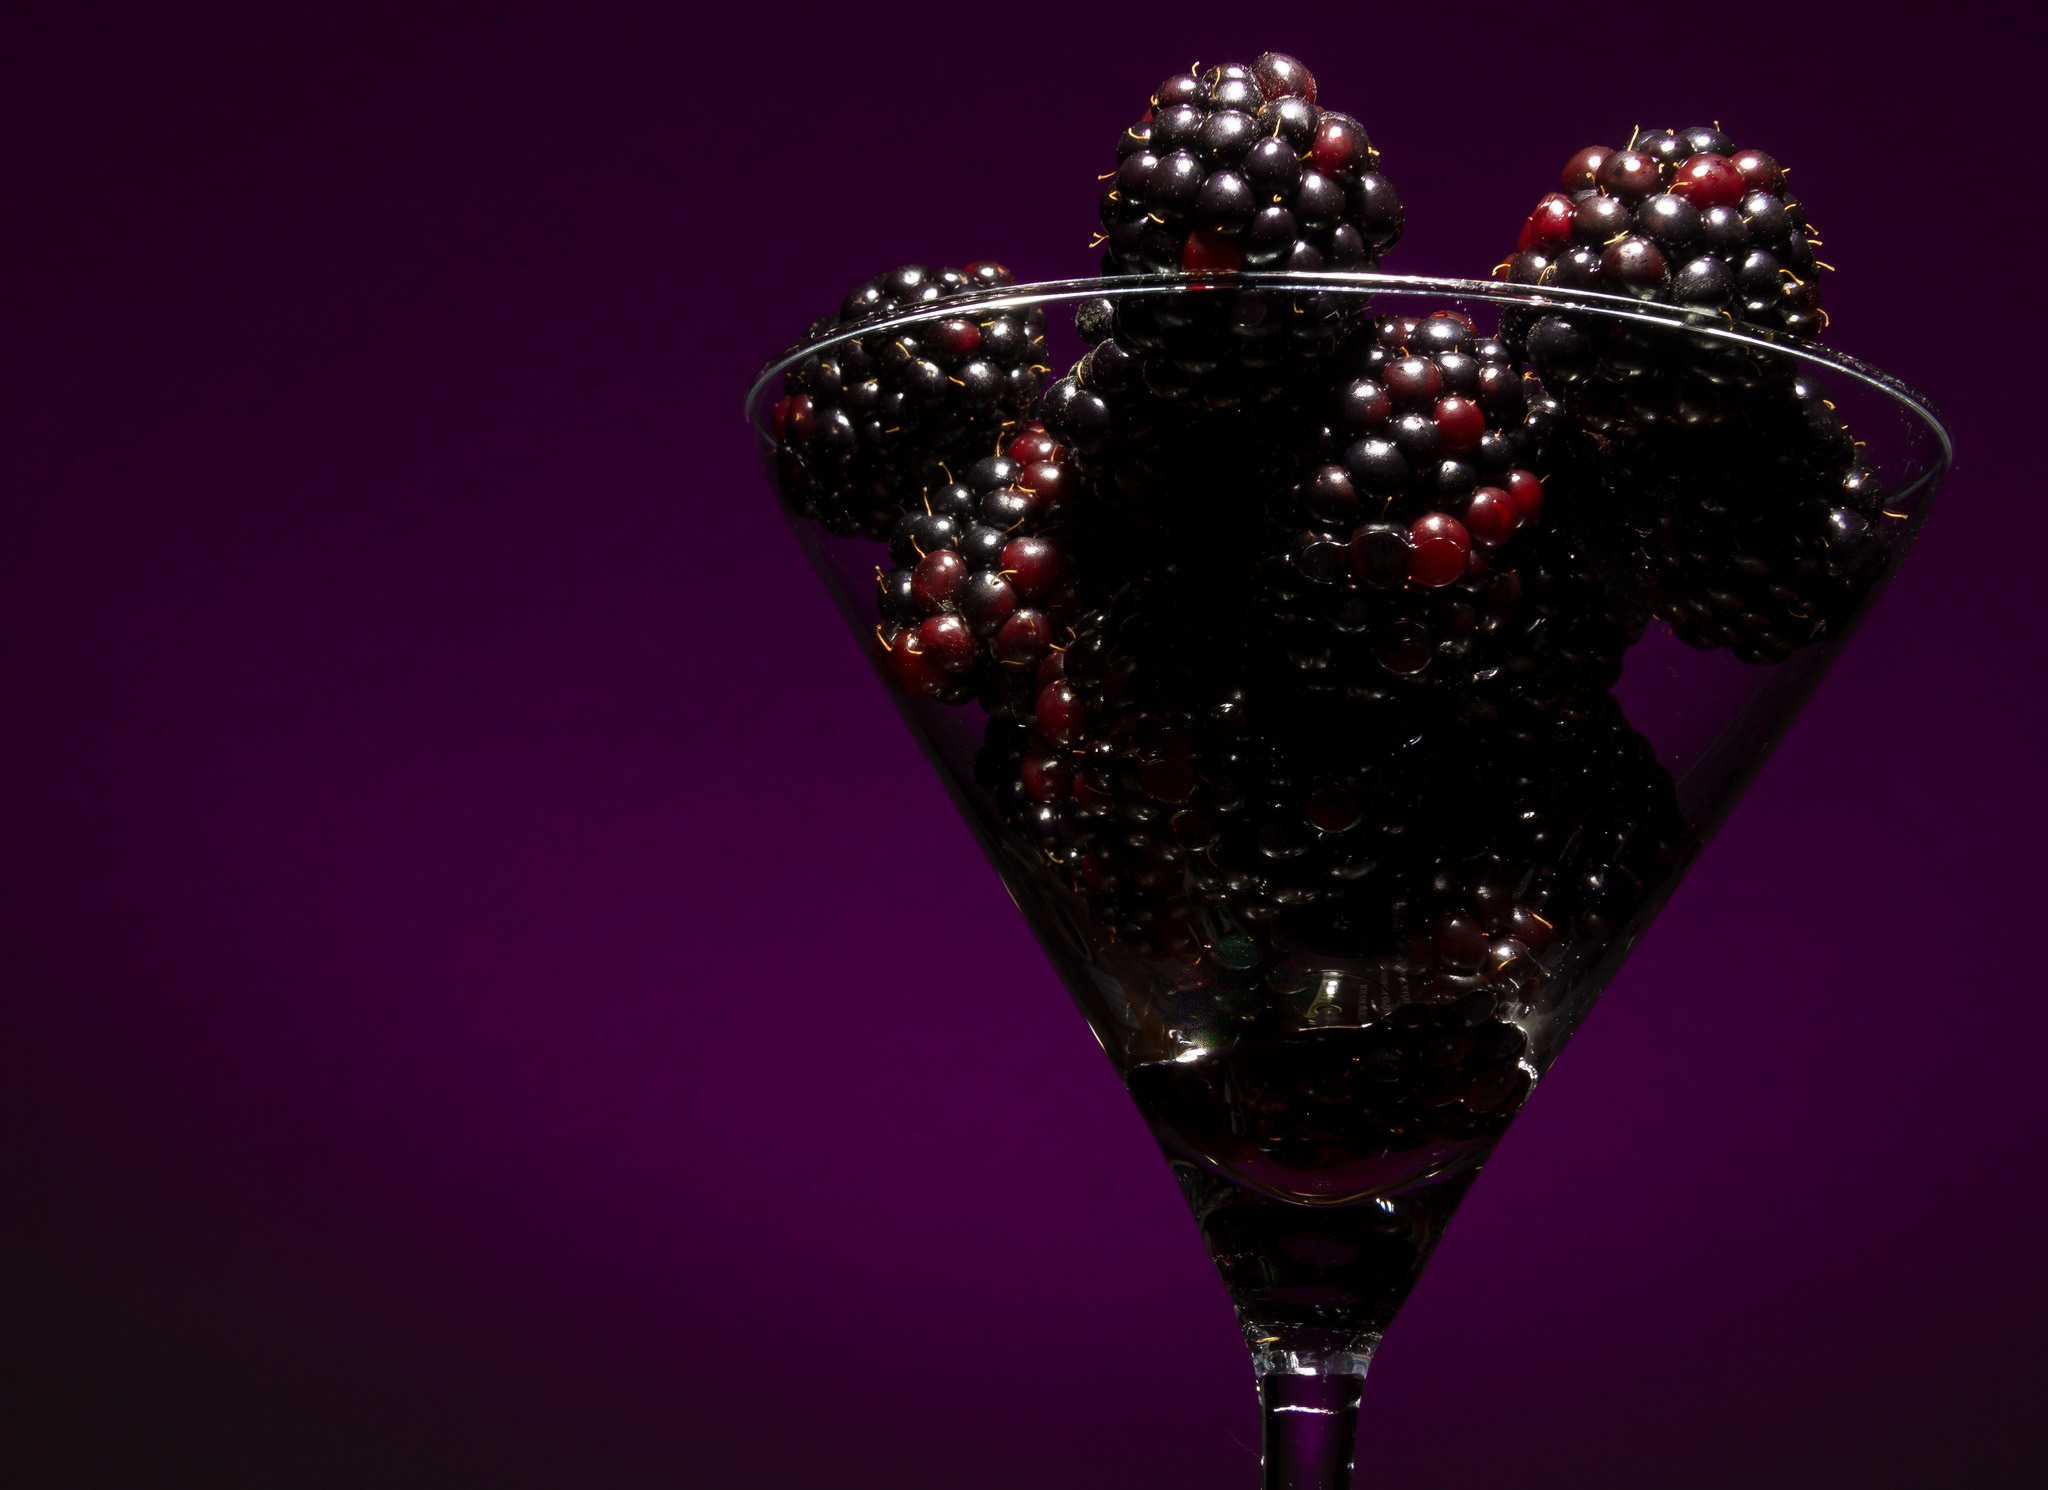 One Glass of Blackberry Please by EelkoBouma